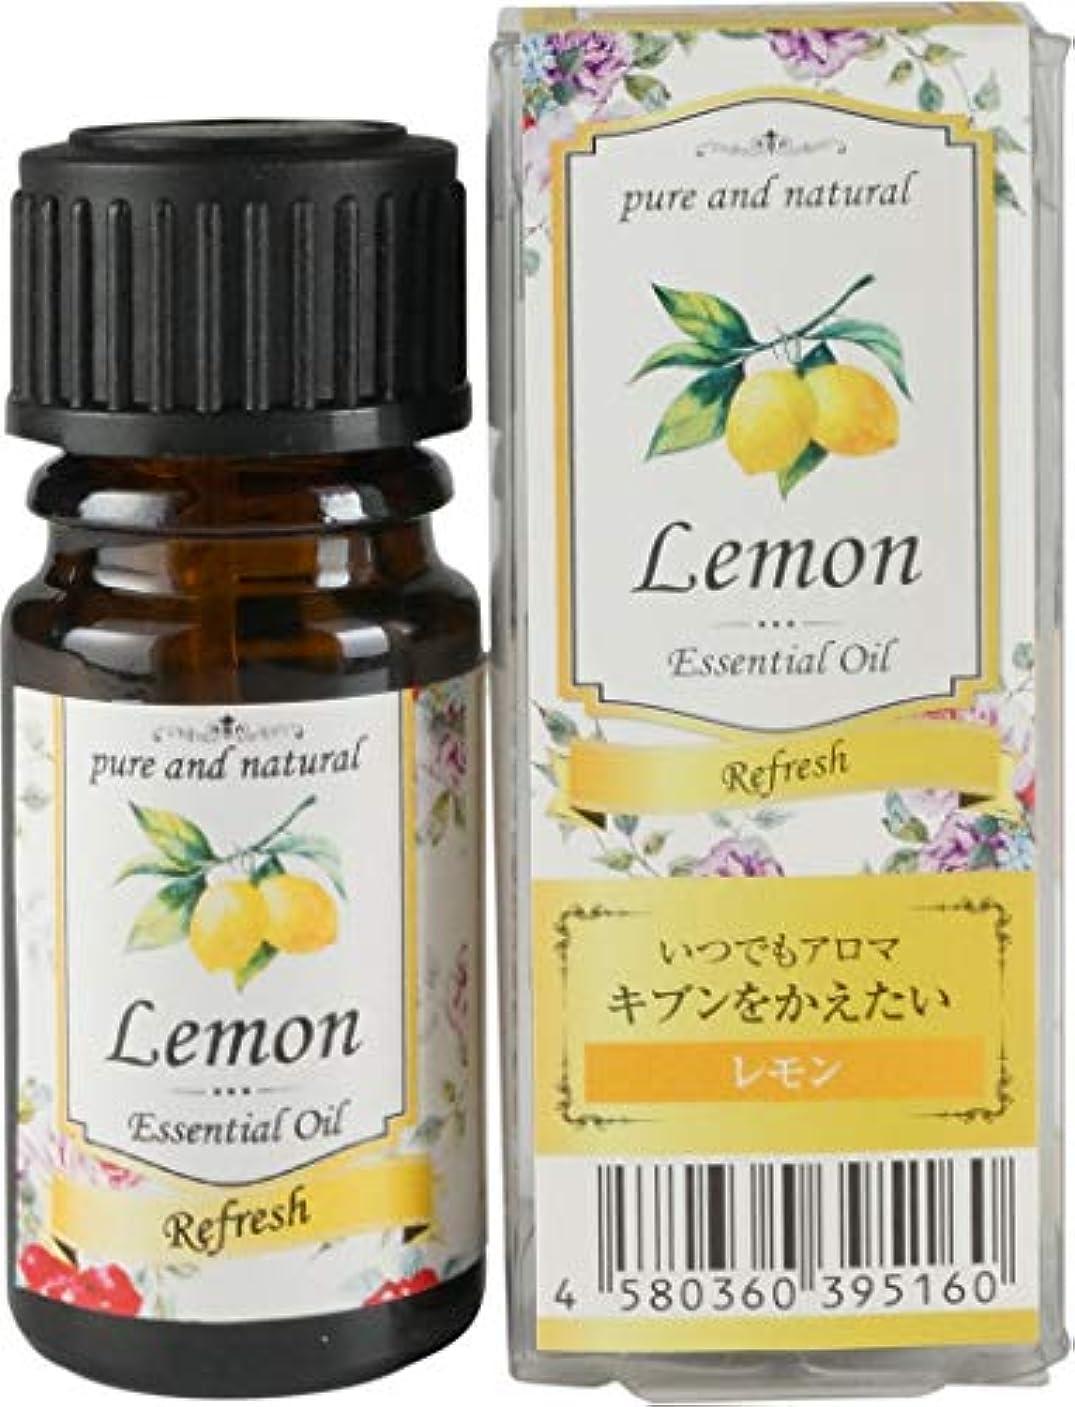 さまようマウント最後のいつでもアロマ レモン 3ml アロマオイル